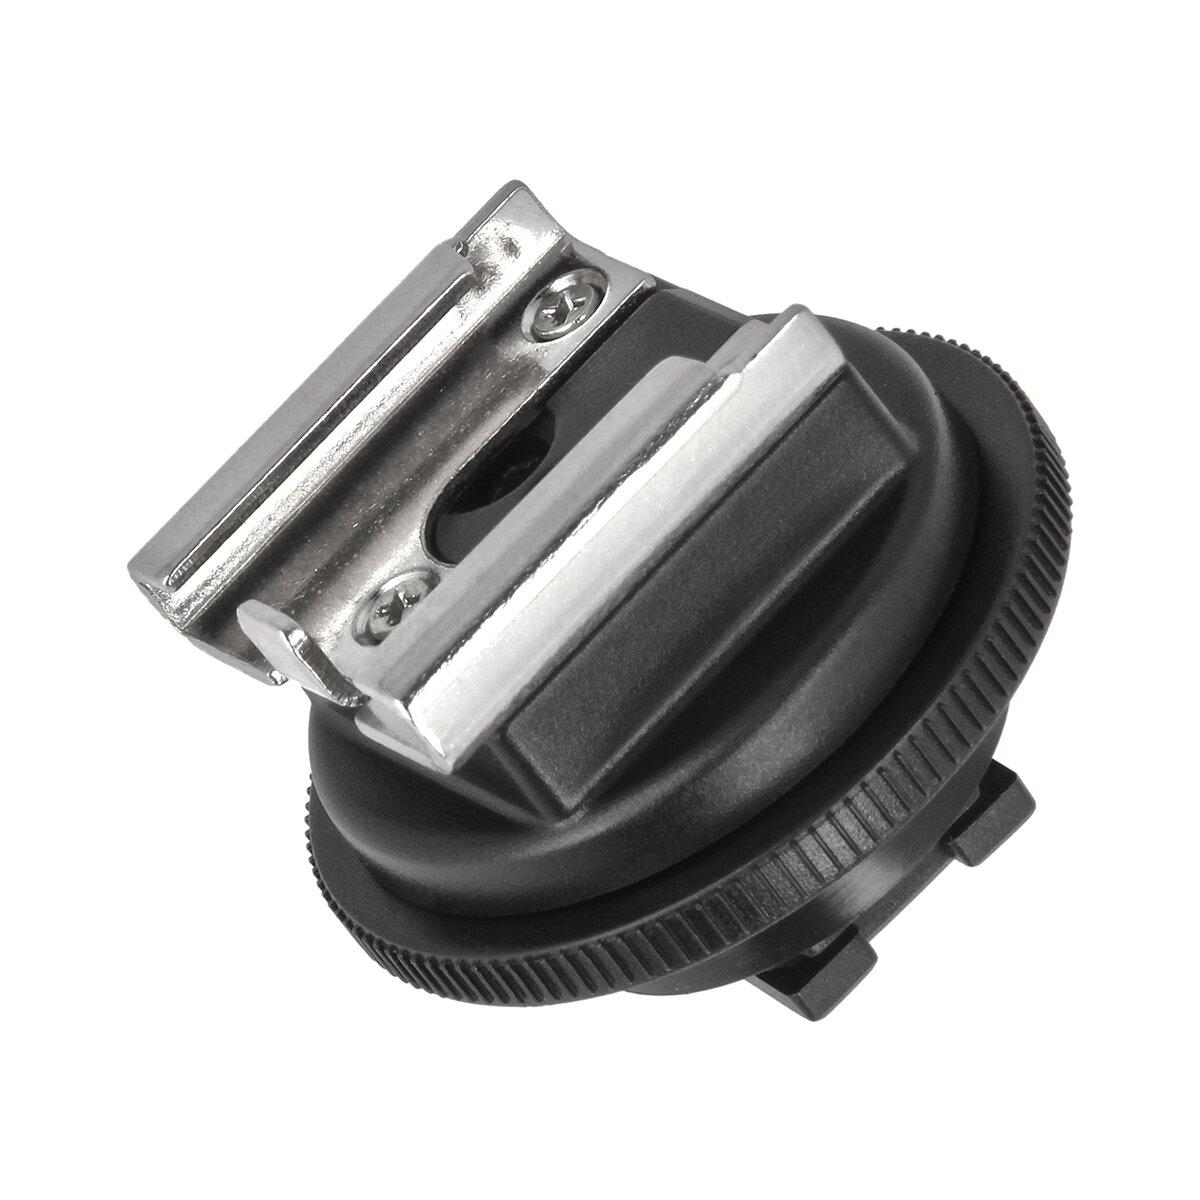 Impulsfoto Blitzschuhadapter kompatibel für Sony Camcorder Active Interface Shoe (AIS) ermöglicht die Anbringung von Zubehör mit Standardaufsteckfuß wie z.B Videoleuchten, Mikrofone oder Monitore